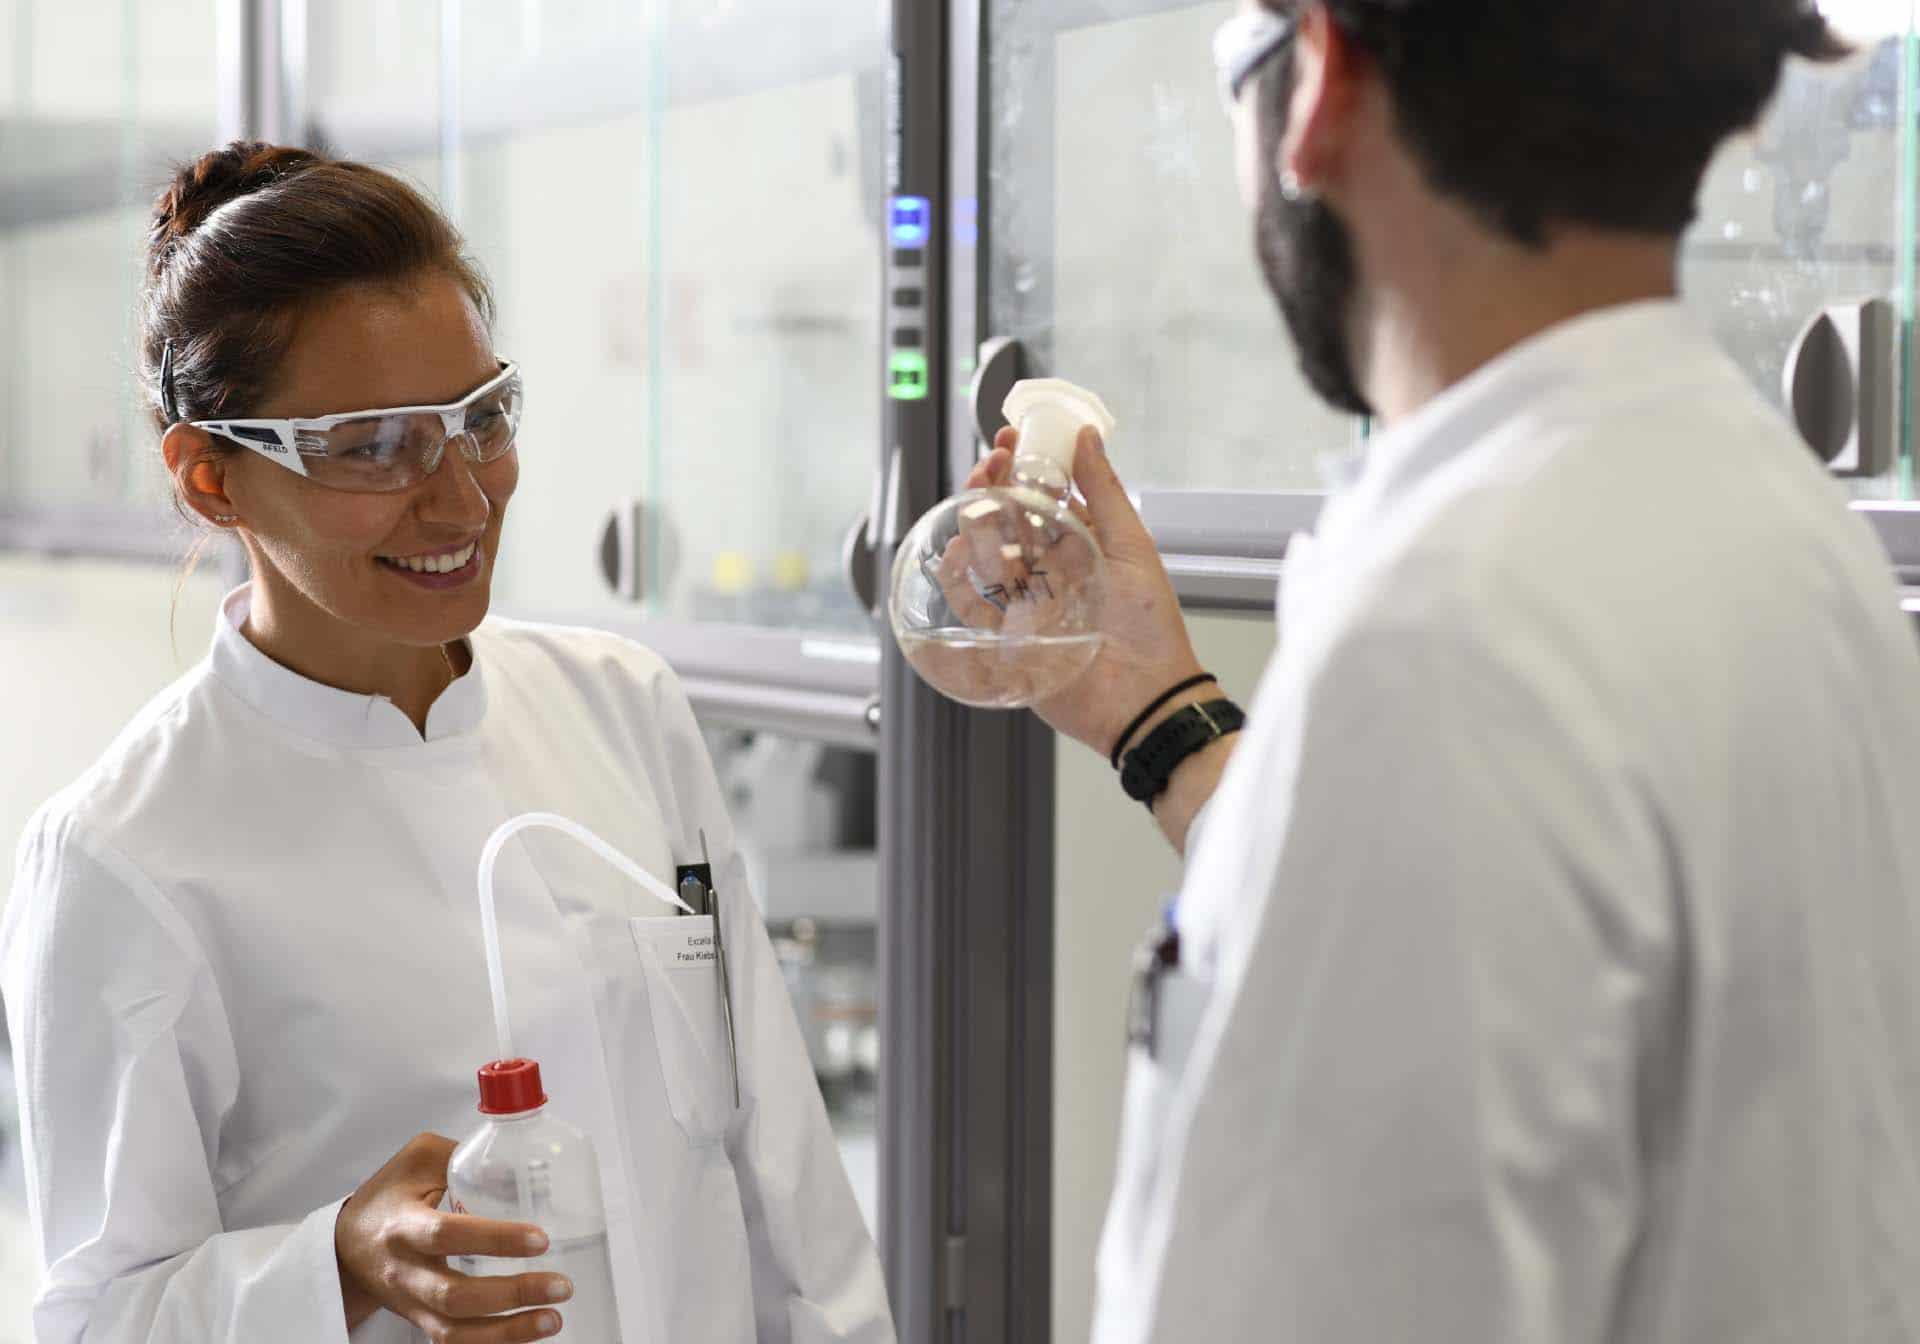 Zwei Mitarbeiter Labor Chemie, Employer Branding für Excella, Pharma, Webdesign, Karriereseite, Social-Media, Recruiting